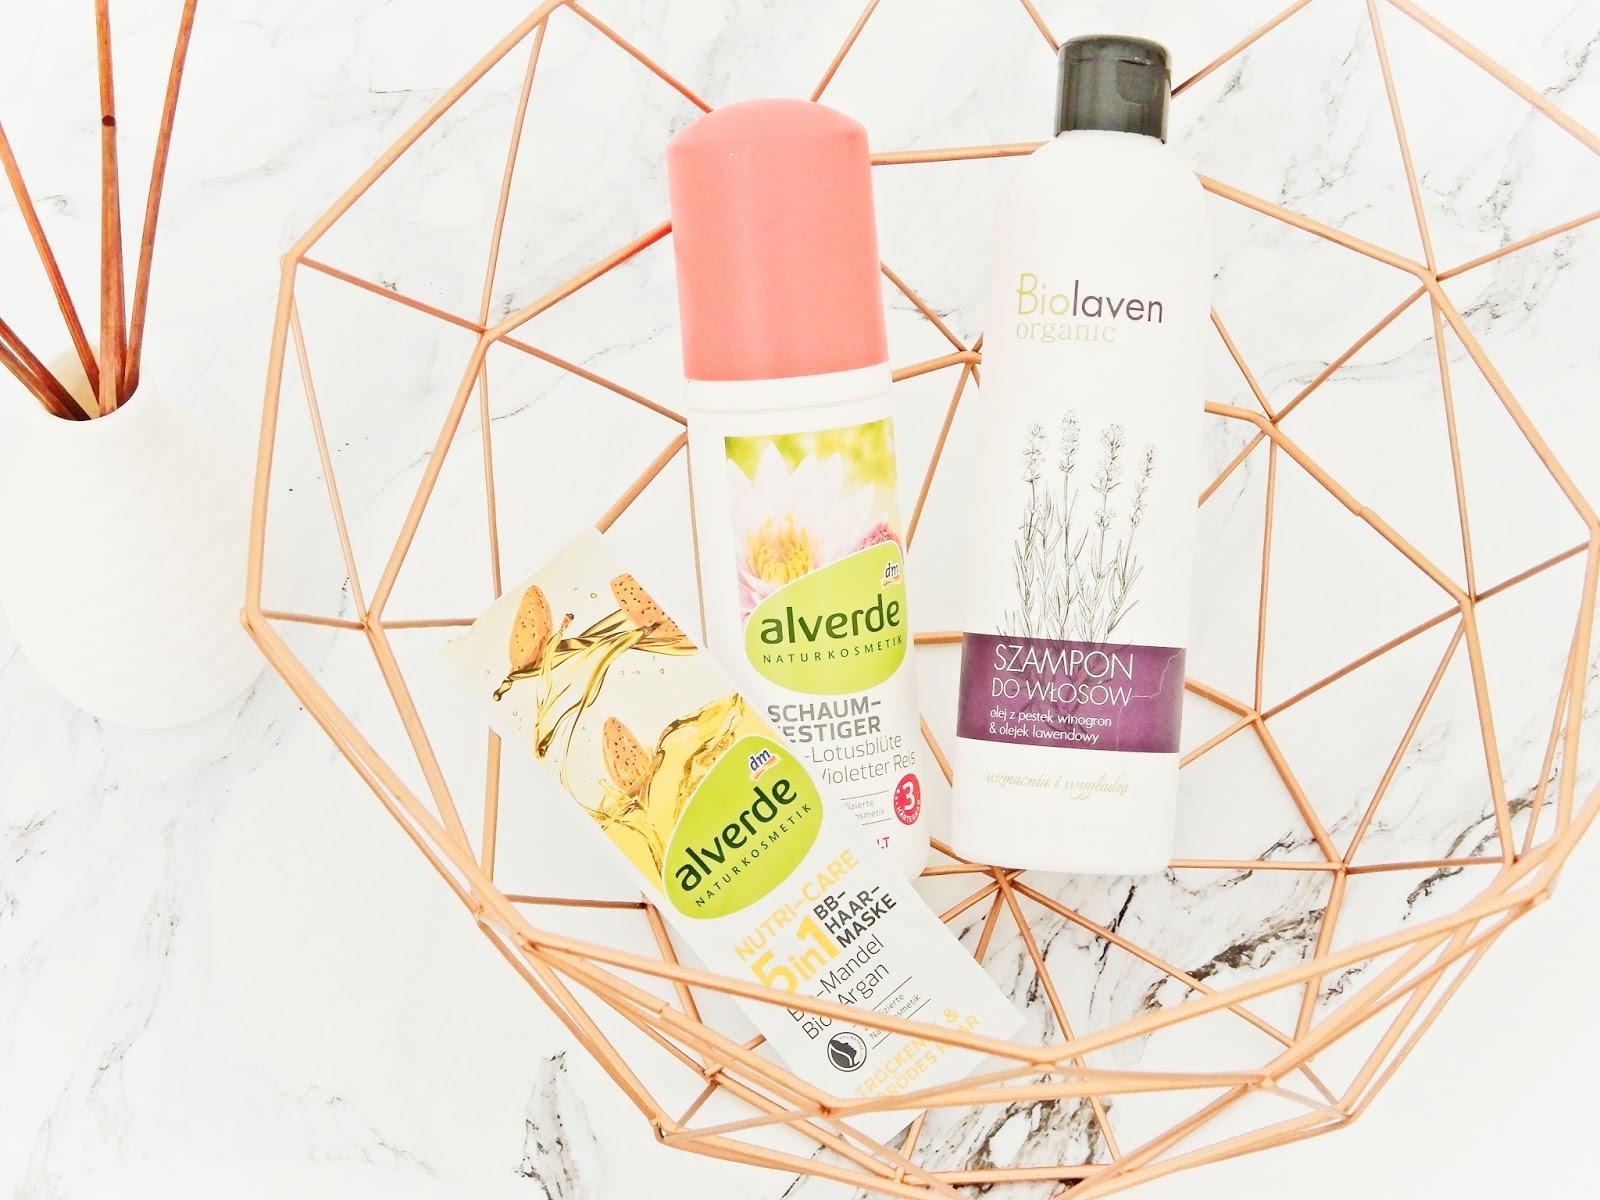 Alverde Nutri-Care-5in1 BB-Haar-Maske, Alverde Schaumfestiger Starker Halt, Biolaven szampon do włosów,